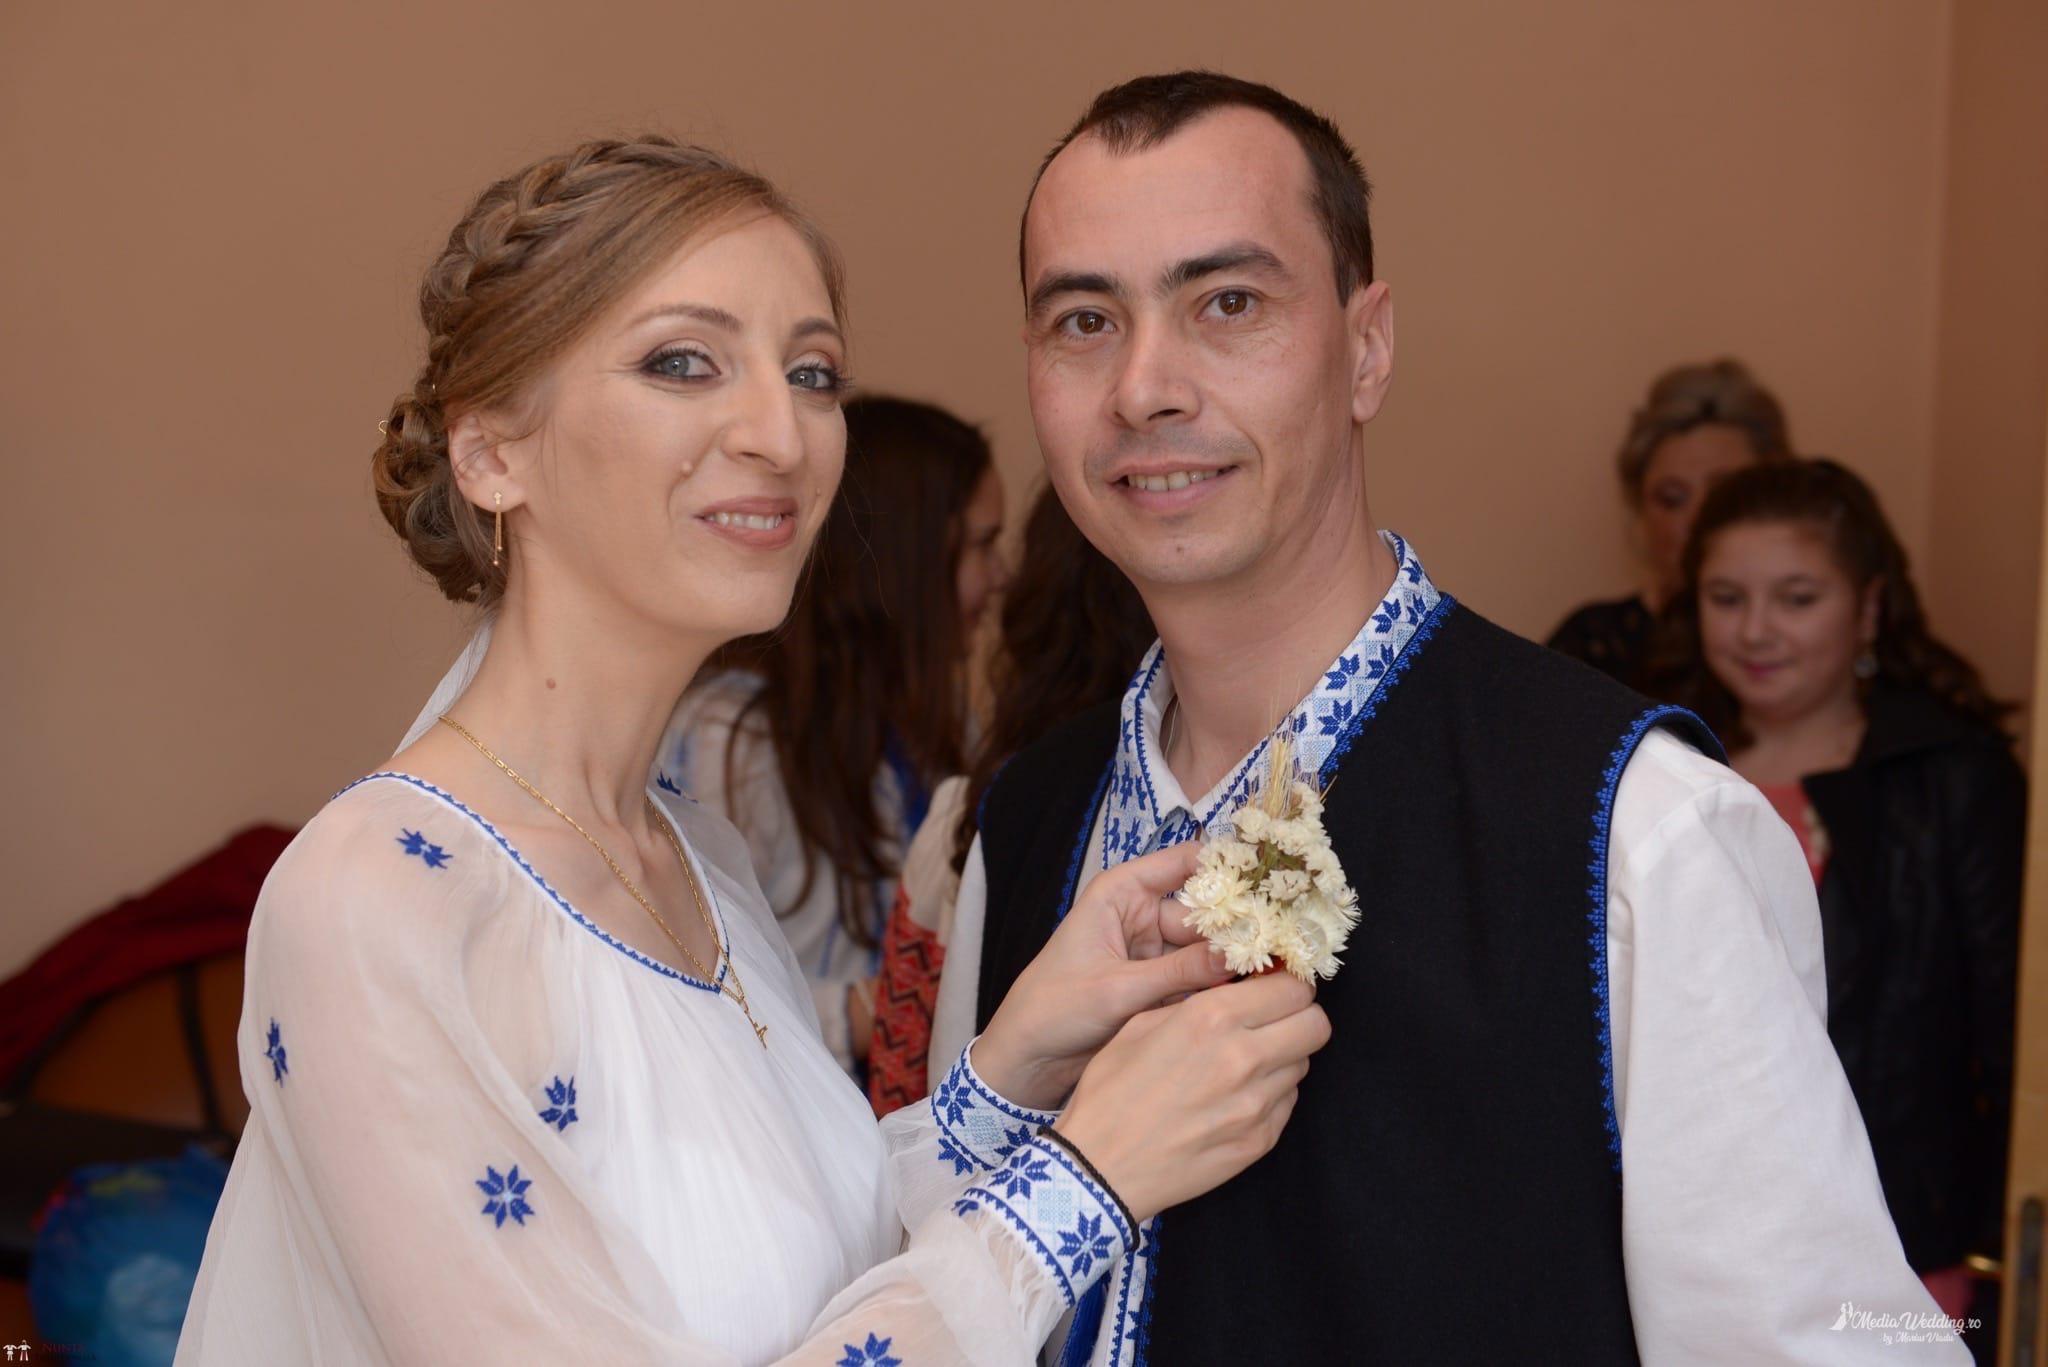 Povești Nunți Tradiționale - Alina-Maria și Ilie, nuntă tradițională în București 8